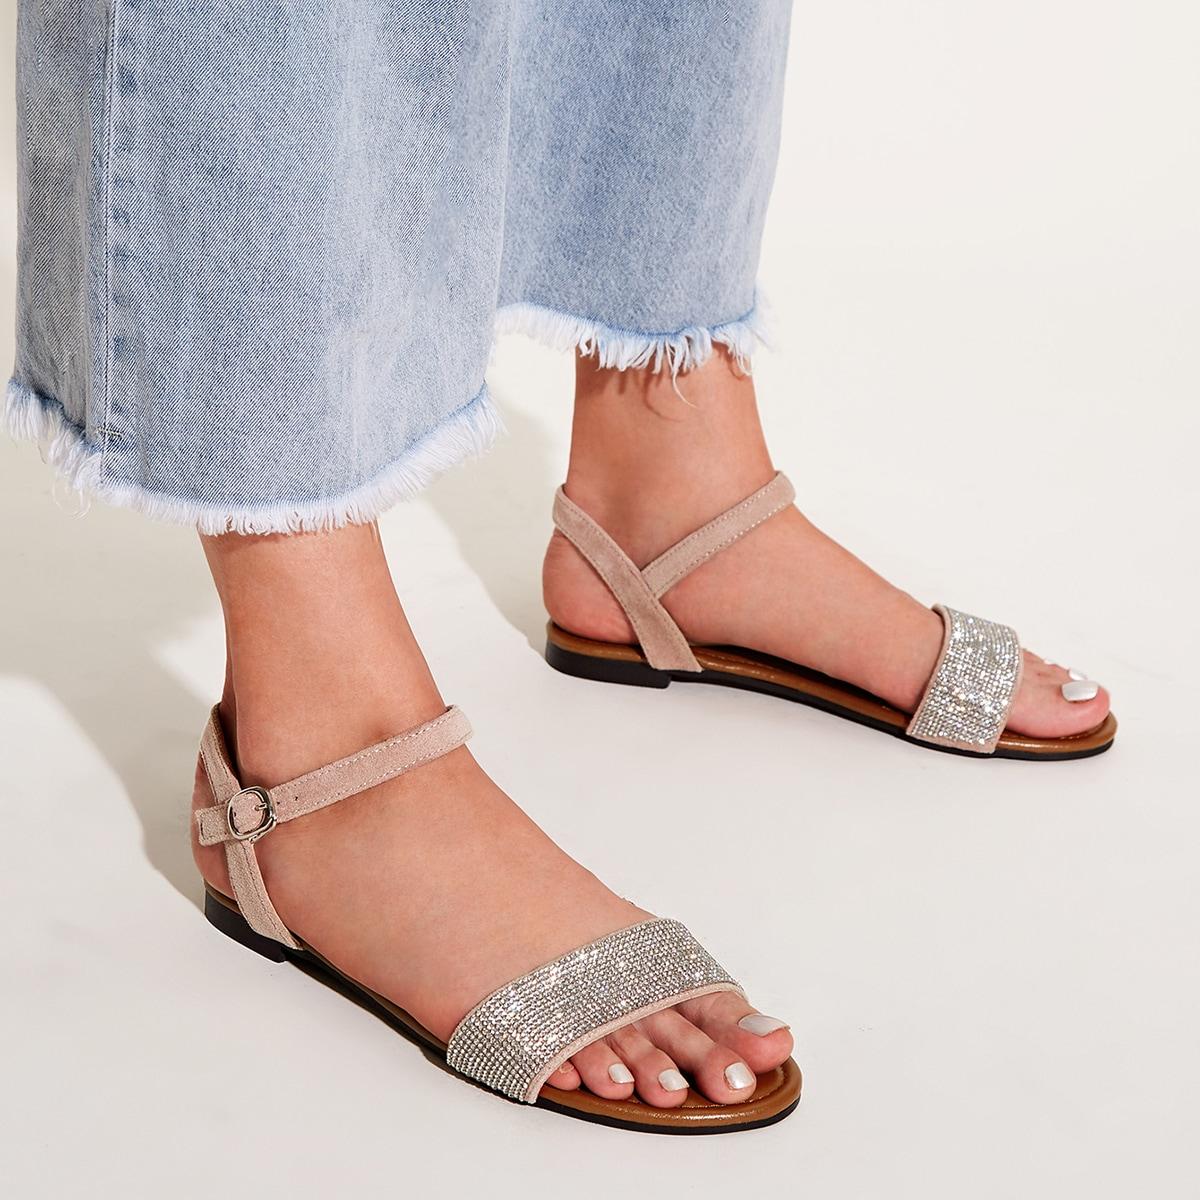 Strass sandalen met enkelbandje